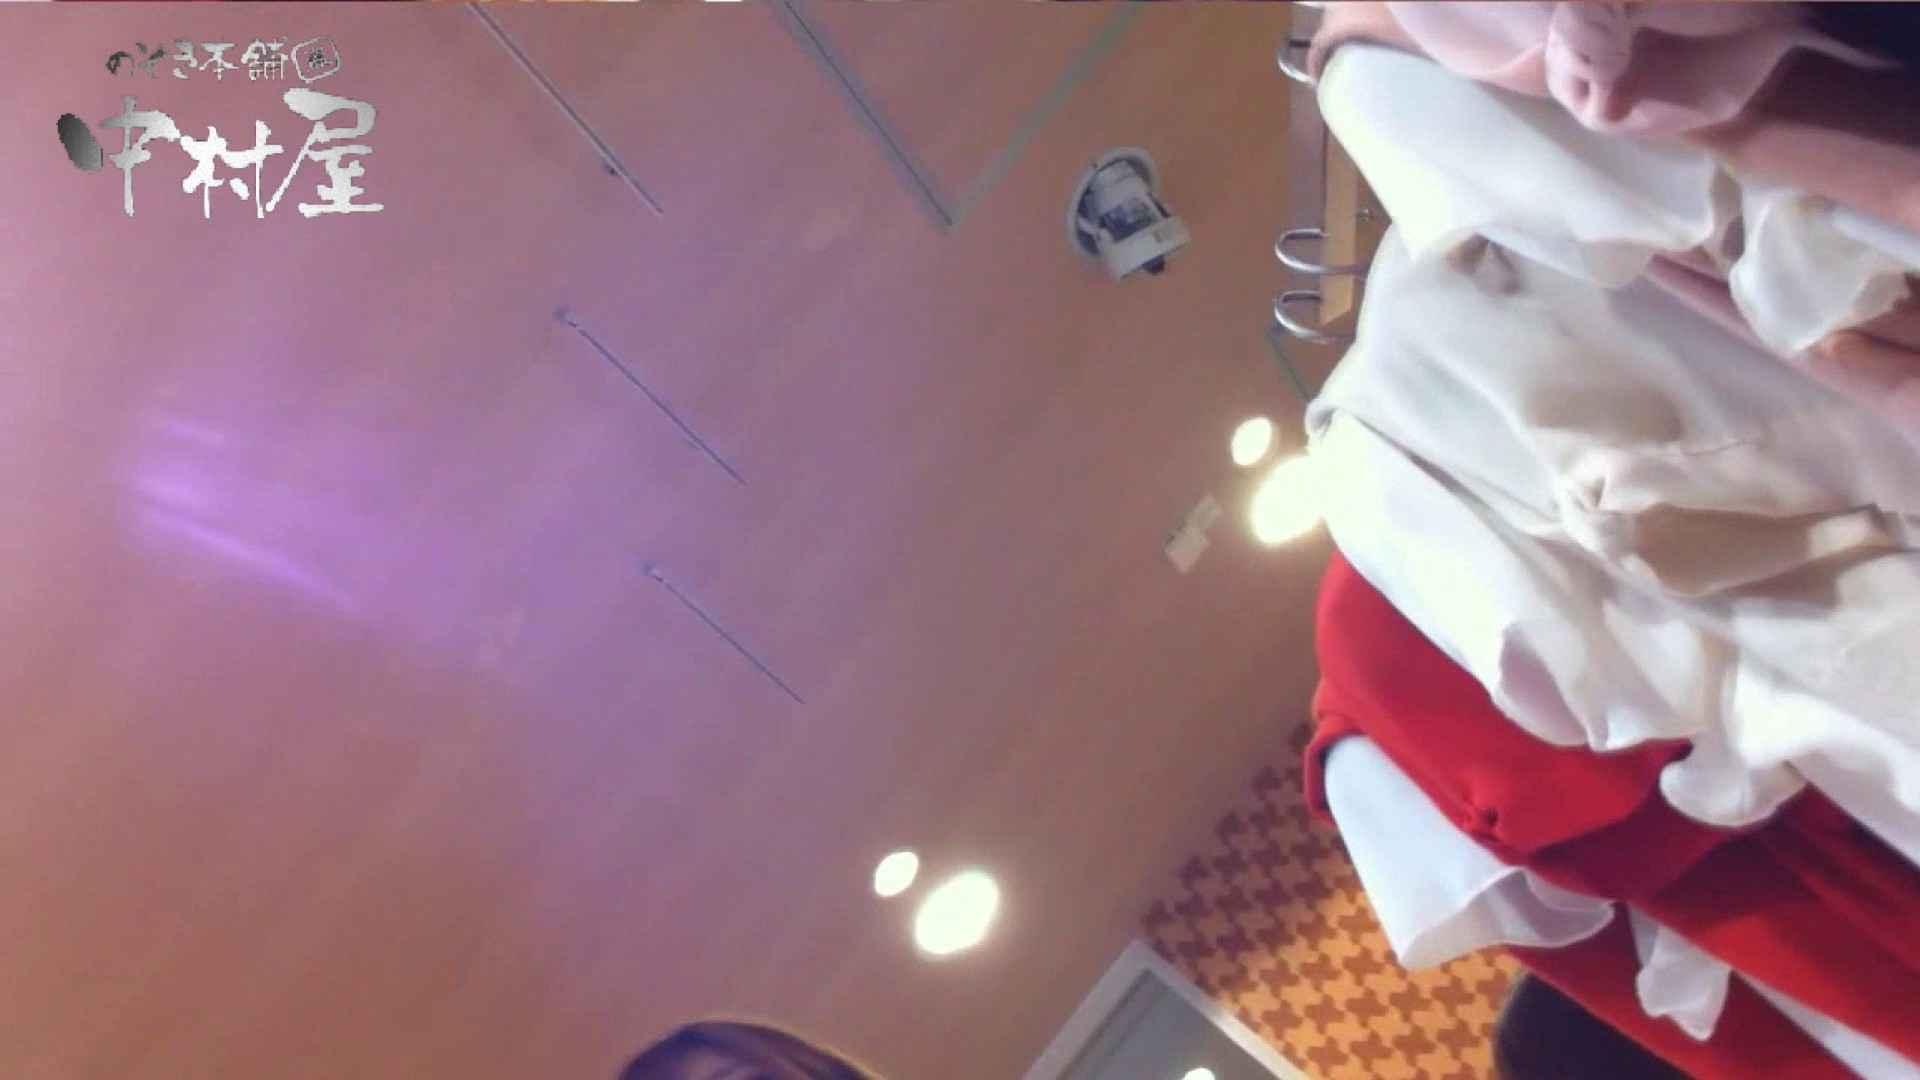 vol.48可愛いカリスマ店員胸チラ&パンチラ アニメ声の店員さん パンチラ SEX無修正画像 96連発 93